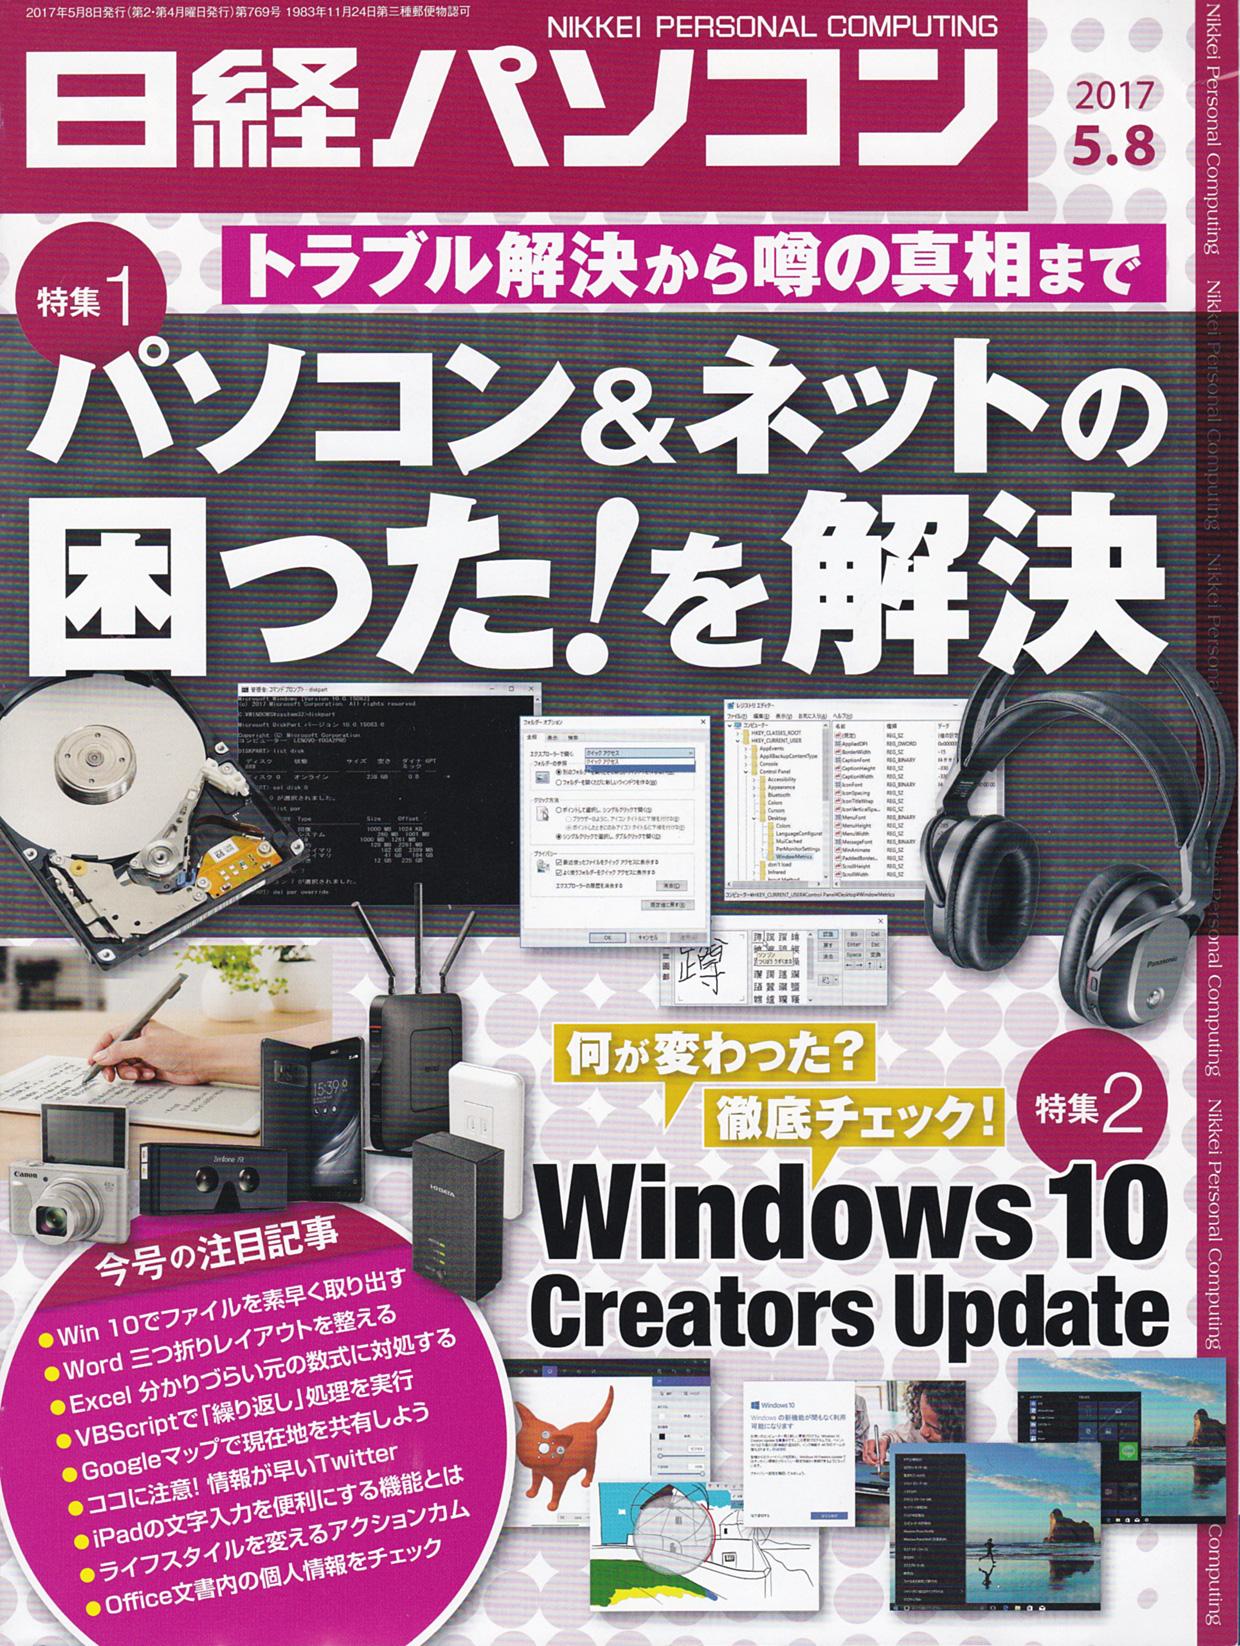 日経パソコン2017.6.12号